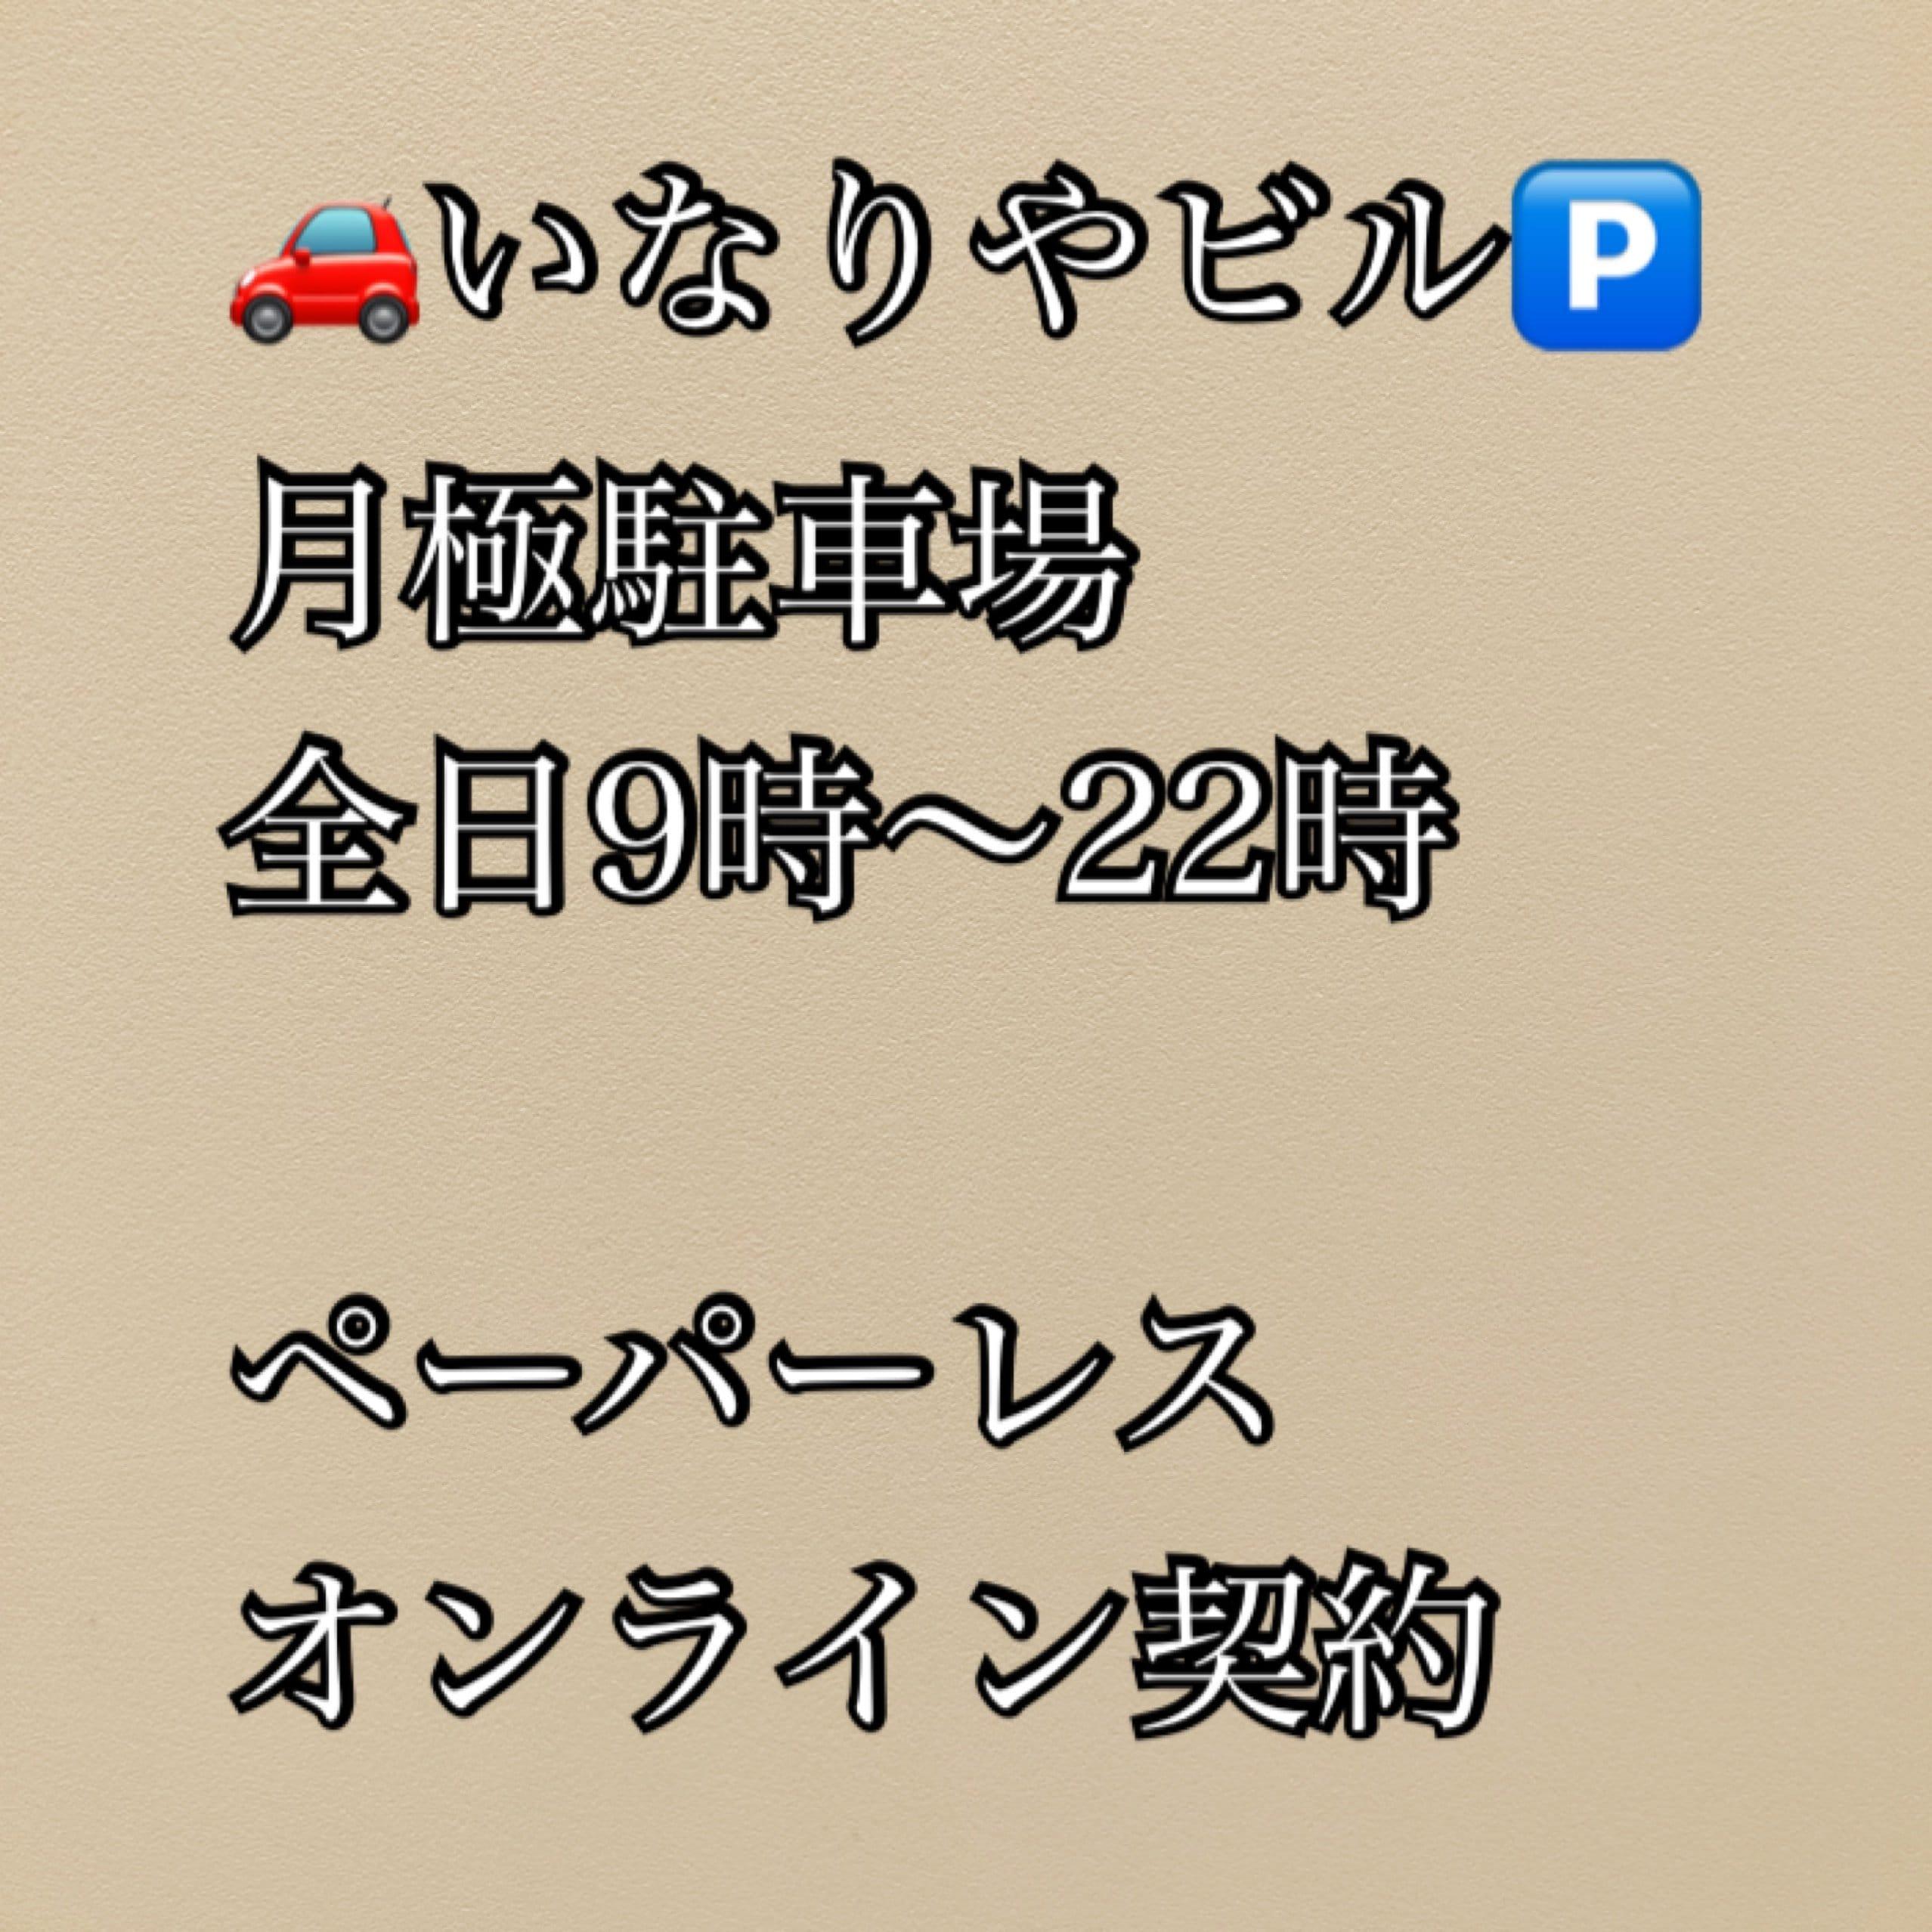 【全日】いなりやビル駐車場|サブスク駐車場|月極駐車場(予約駐車場)東京都武蔵野市吉祥寺本町1-10‐1のイメージその1